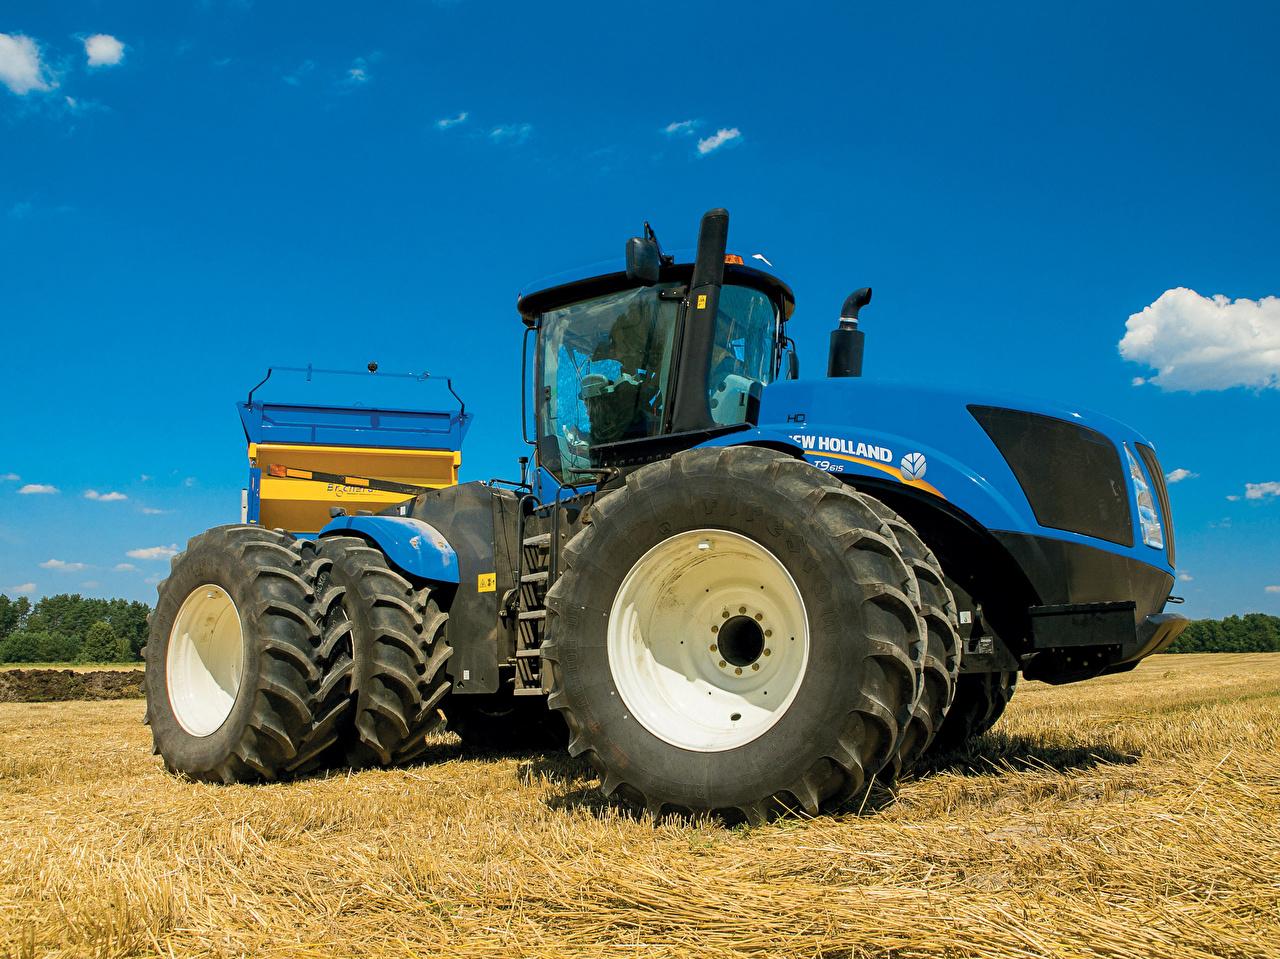 壁紙 農業機械 トラクター ダウンロード 写真